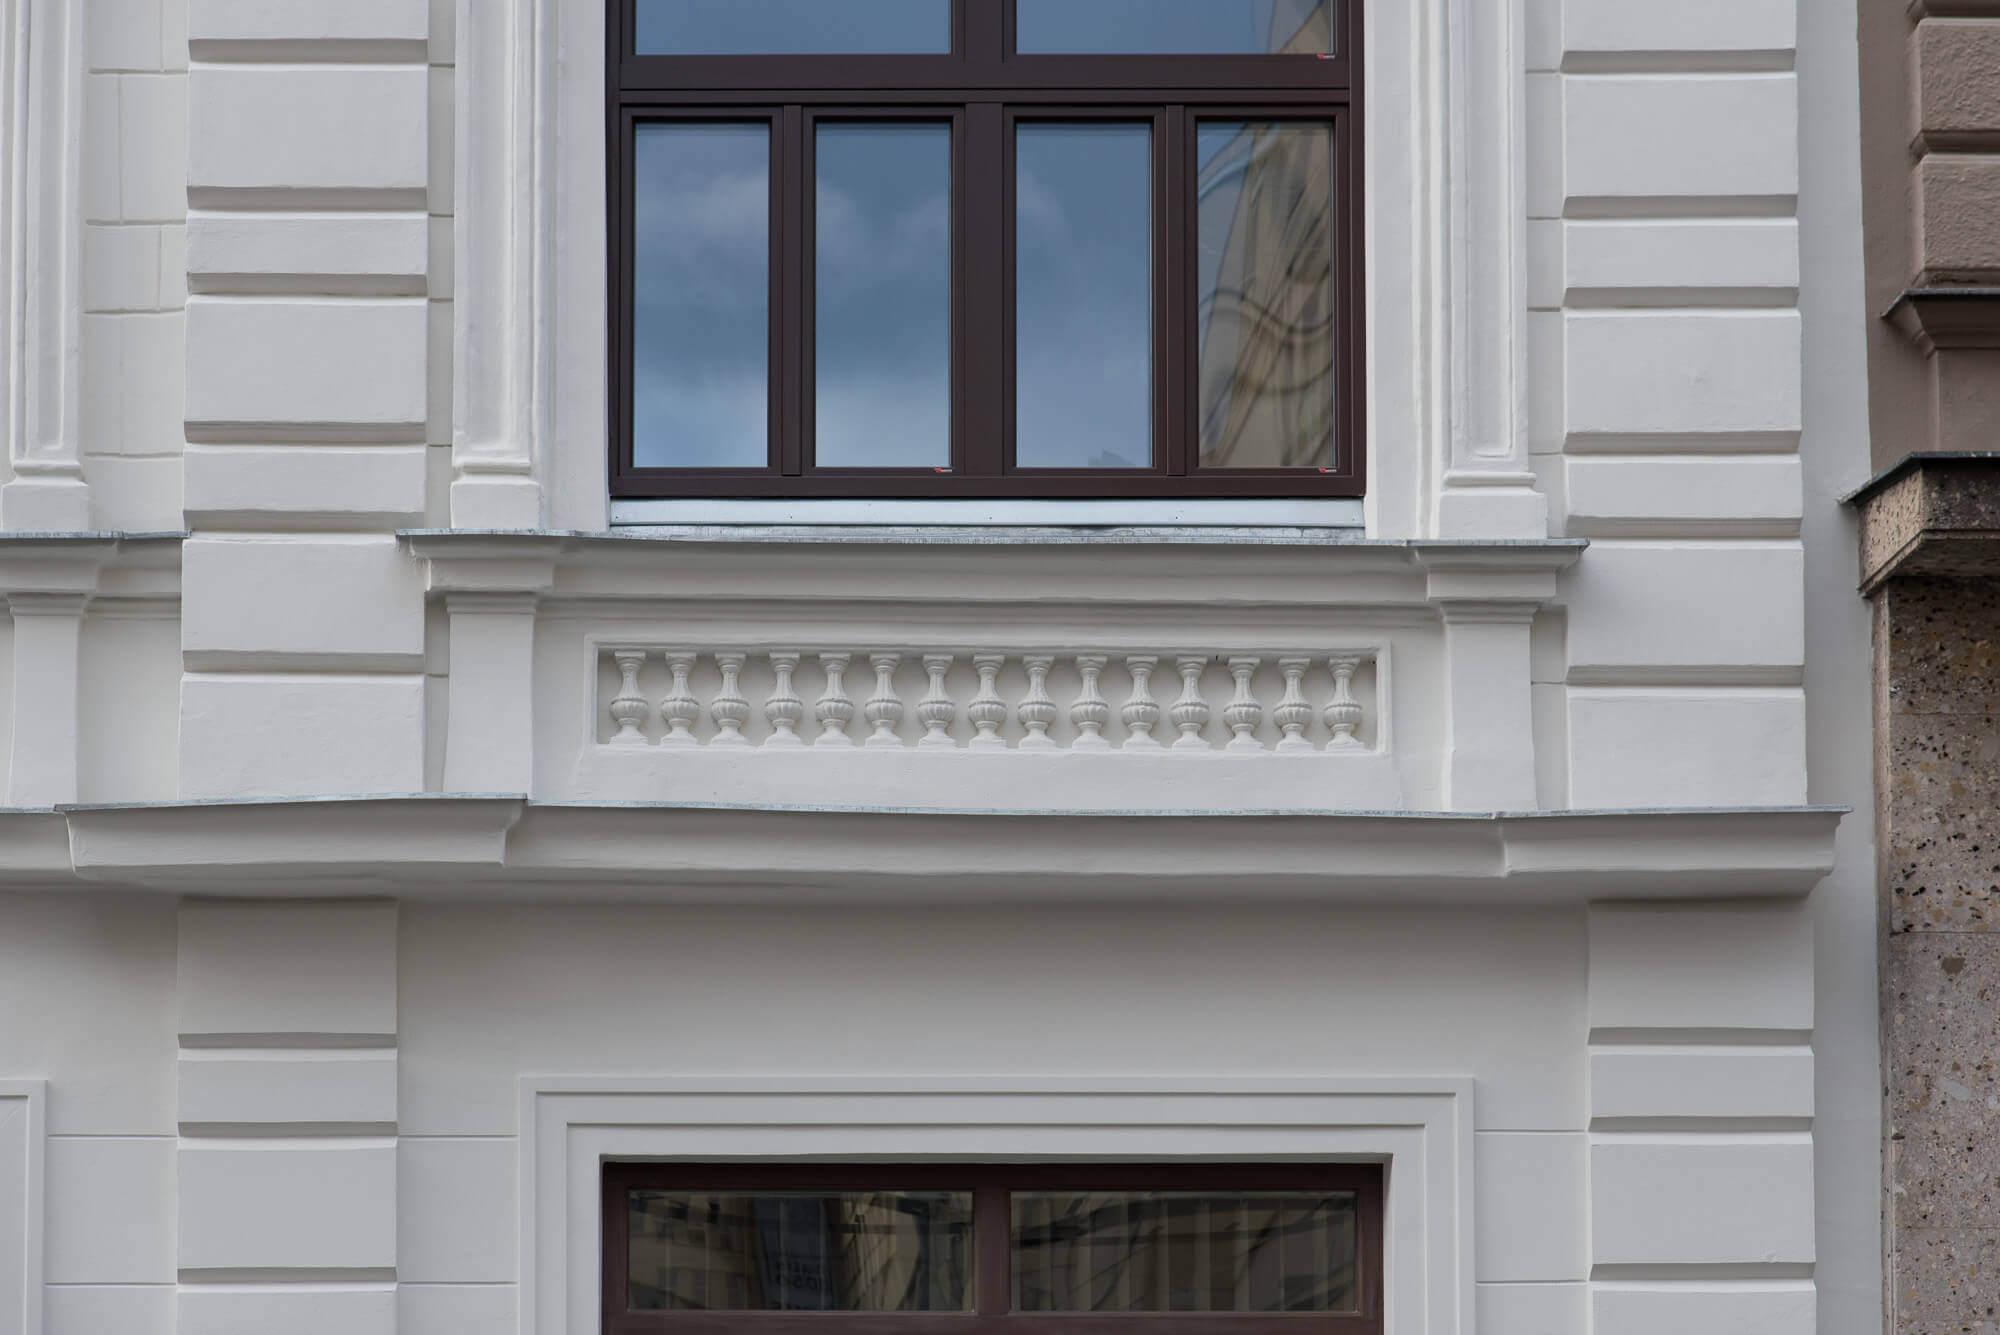 005-Siebenbrunnergasse 24